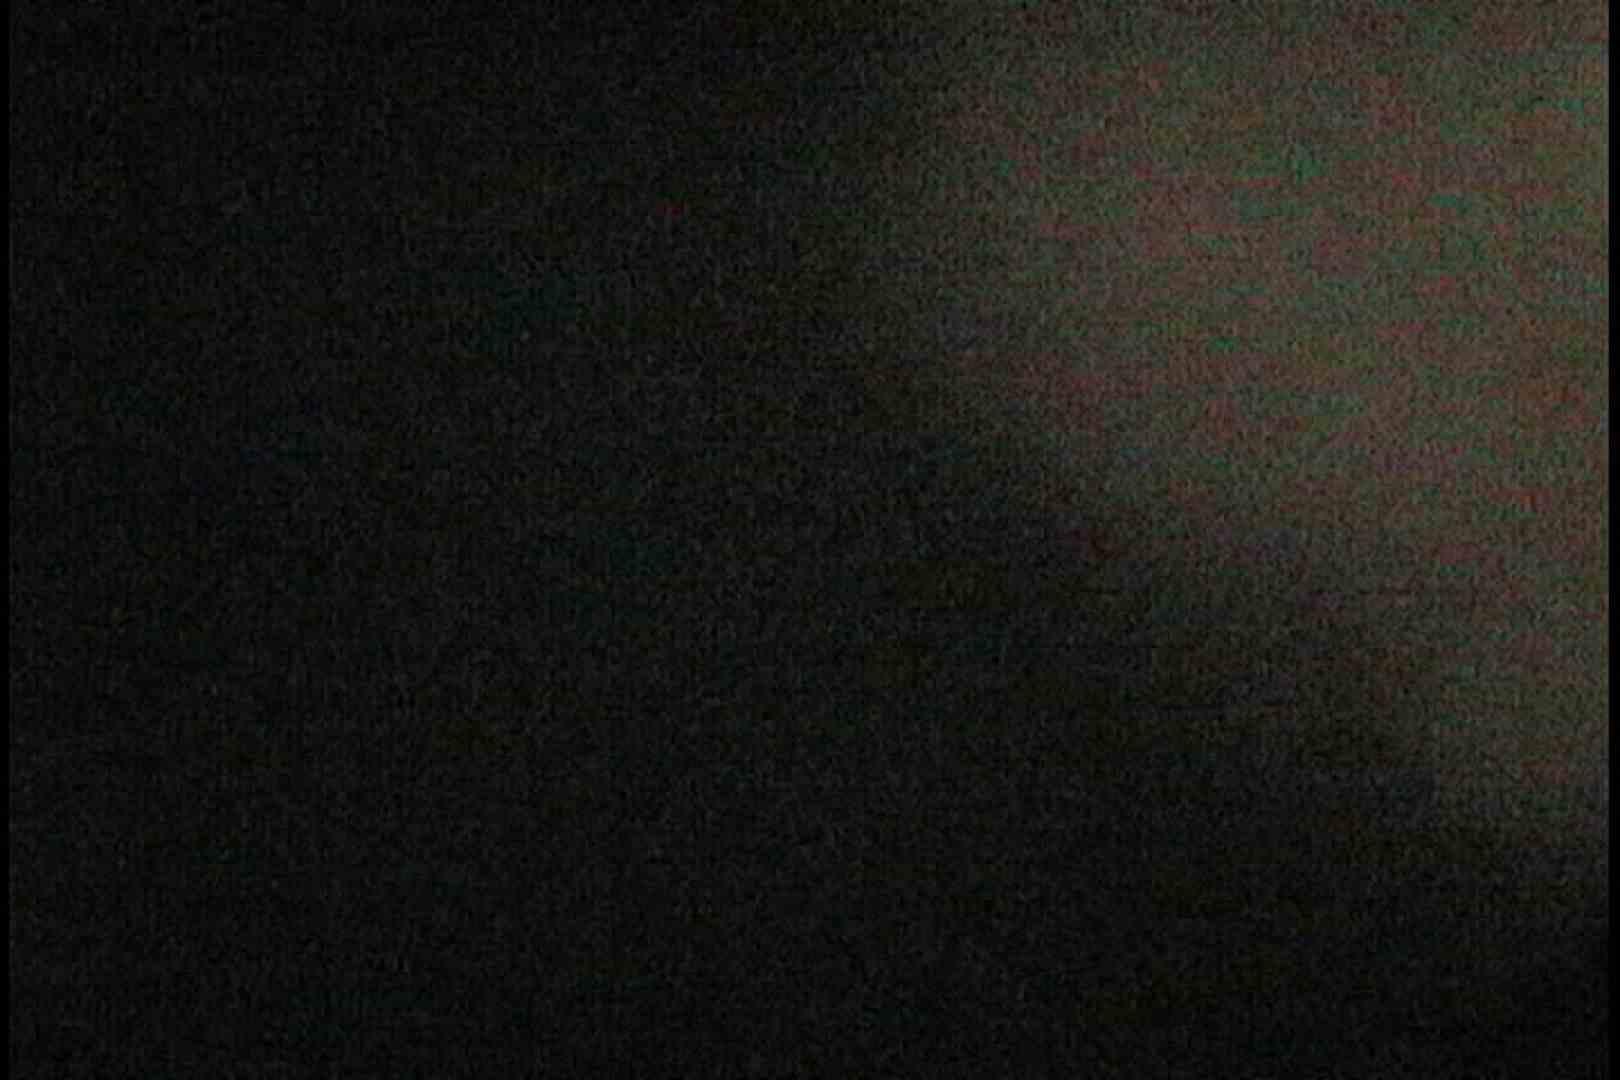 無修正エロ動画|No.68 見事に可愛い巨乳ちゃん 室内暗いです|怪盗ジョーカー